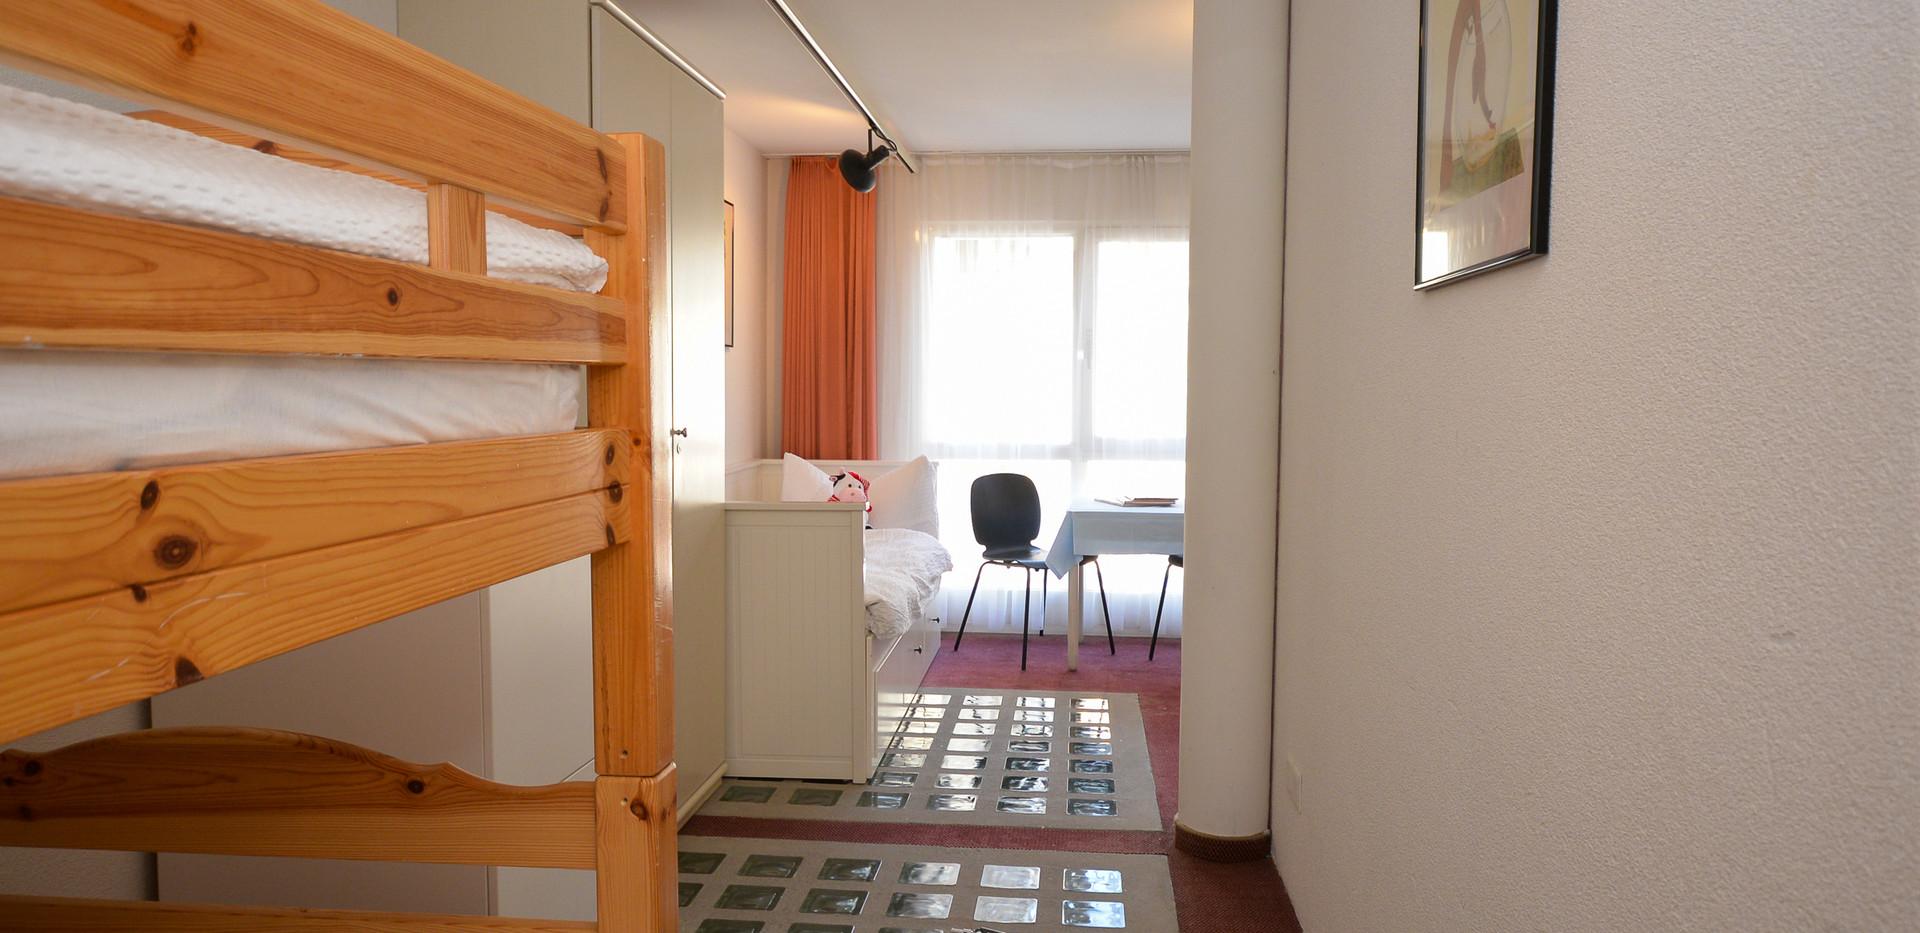 Familienzimmer Gross mit Balkon-4.jpg